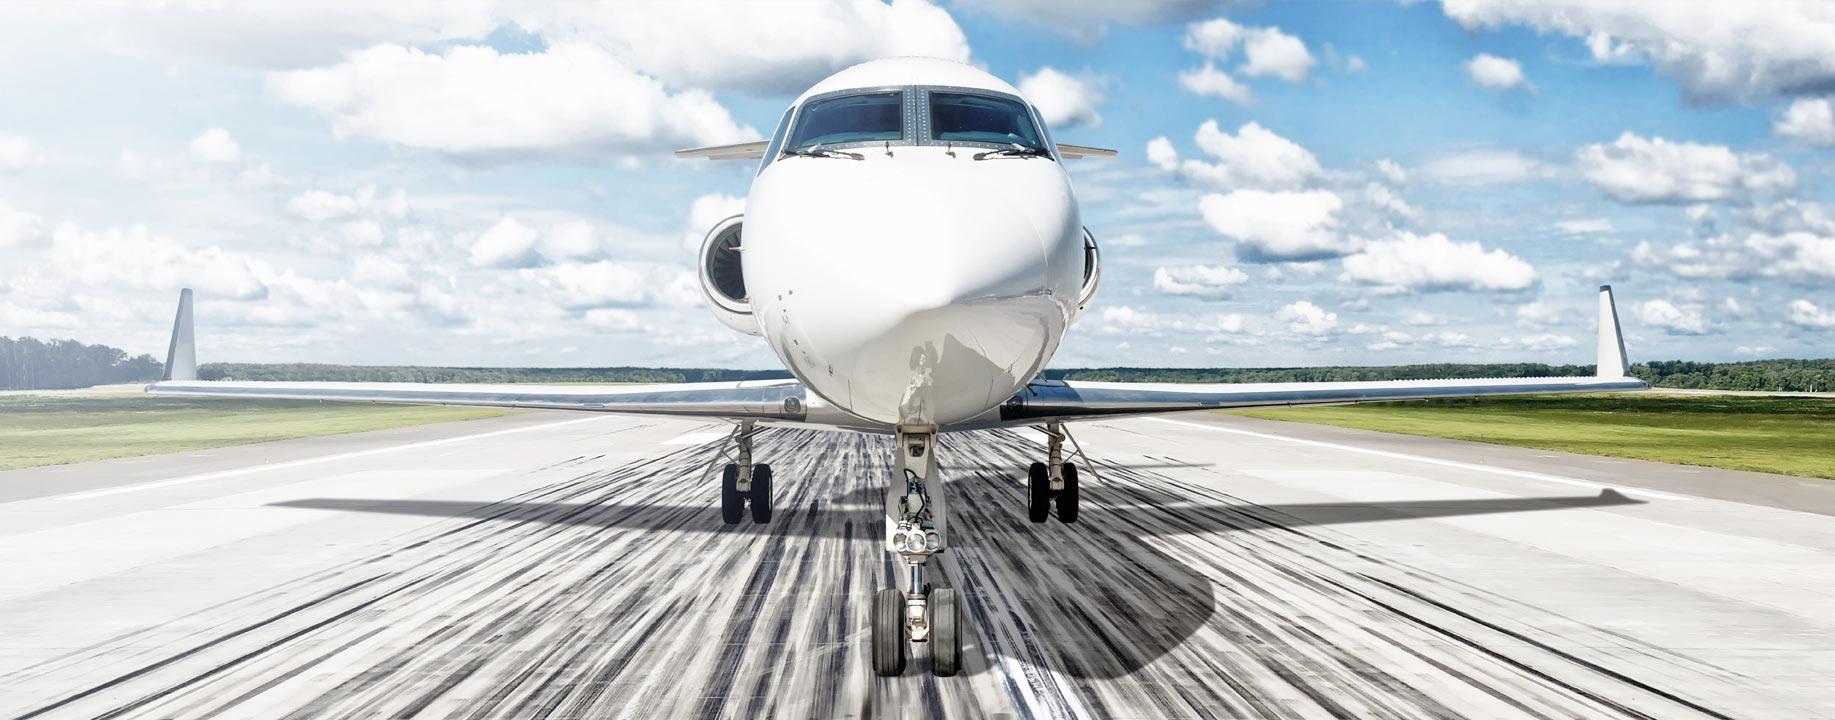 Aircraft in runway